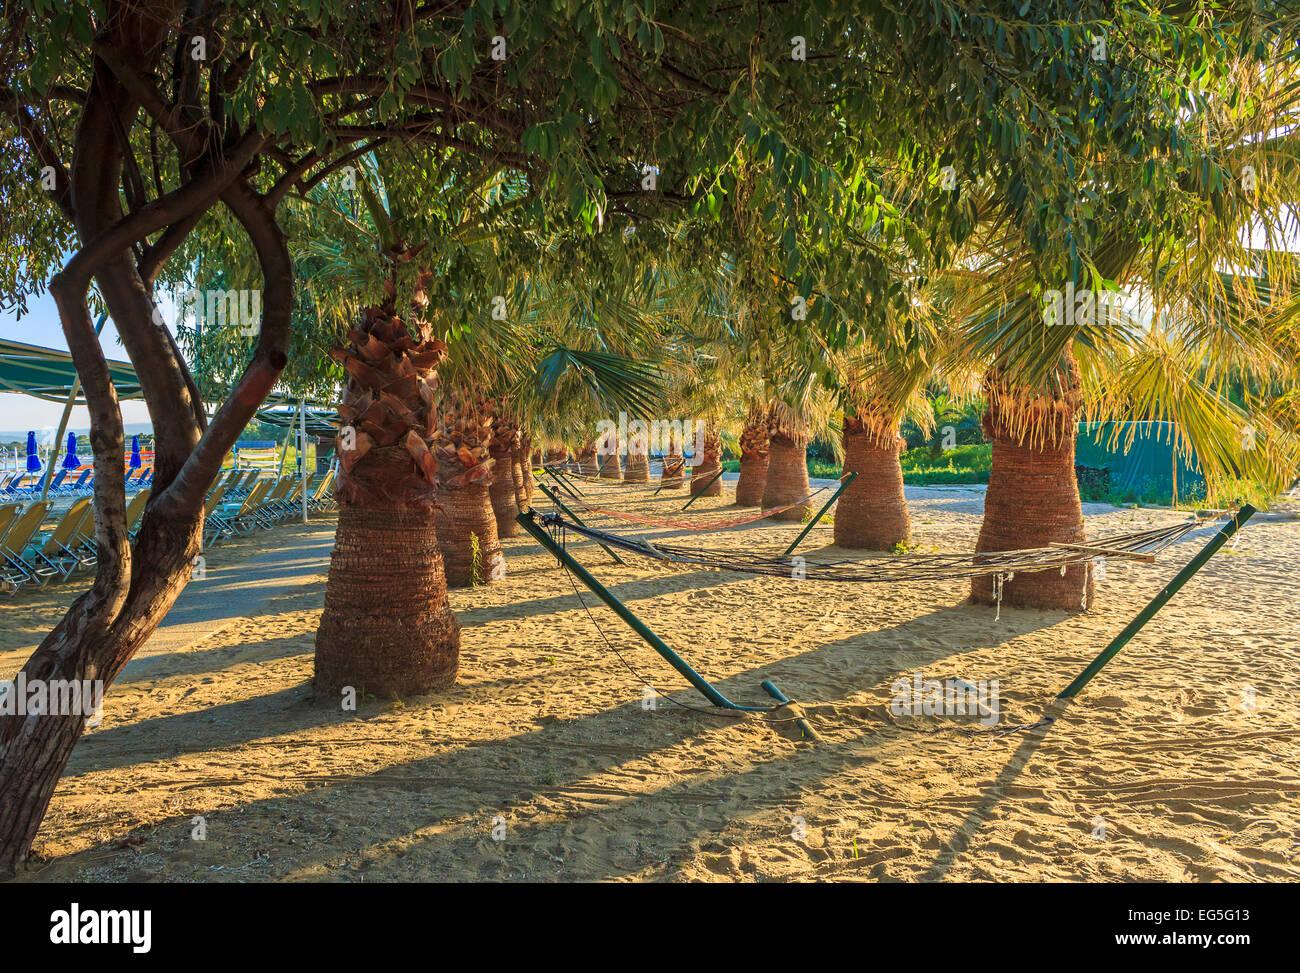 Hammocks on the beach - Palm Trees And Hammocks On The Beach